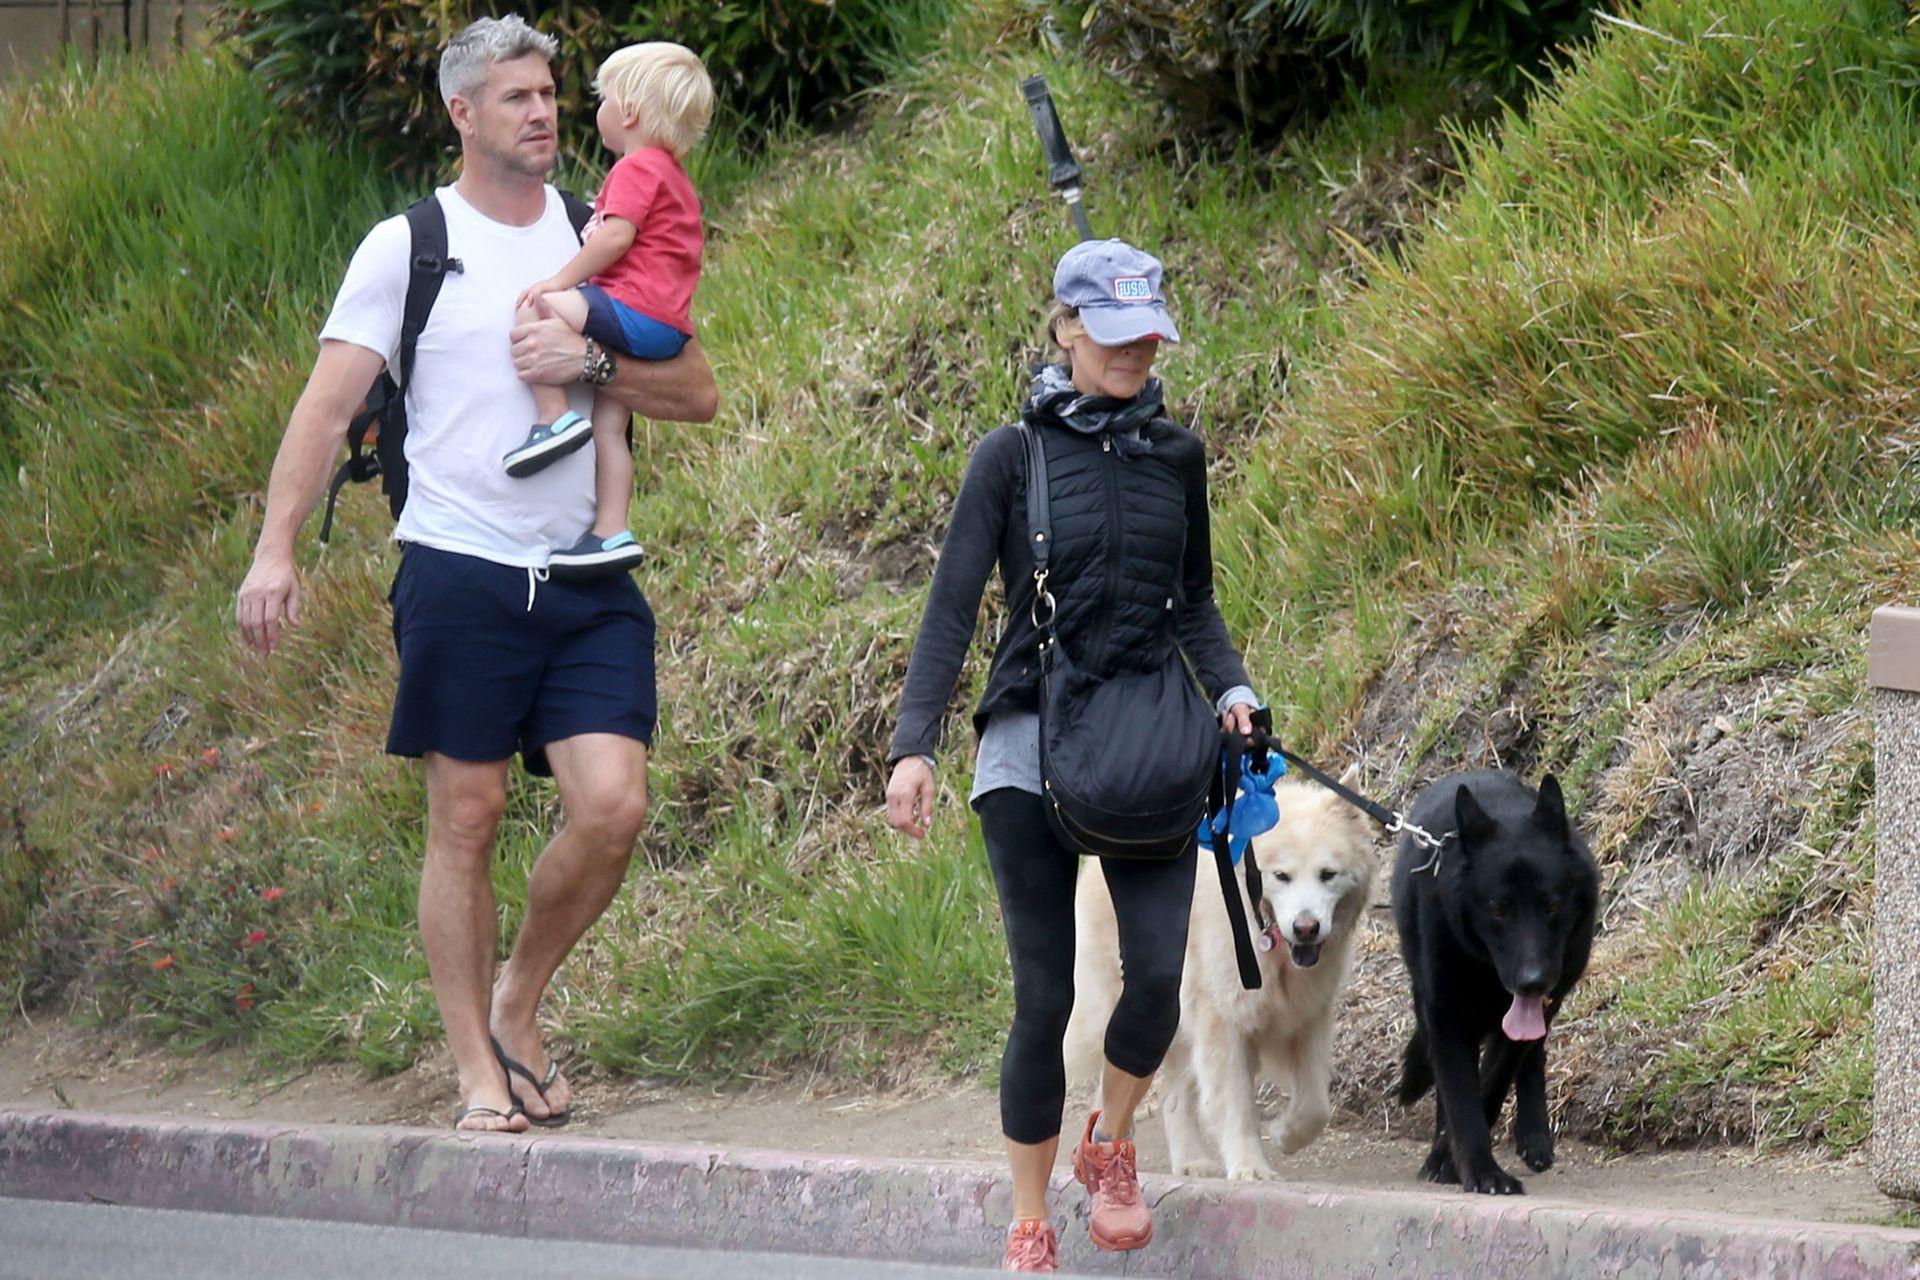 La relación entre Renee Zellweger y Ant Anstead marcha sobre ruedas y avanza rápido; a la doble ganadora del Oscar se la vio paseando con sus perros junto al presentador y a su hijo, Hudson